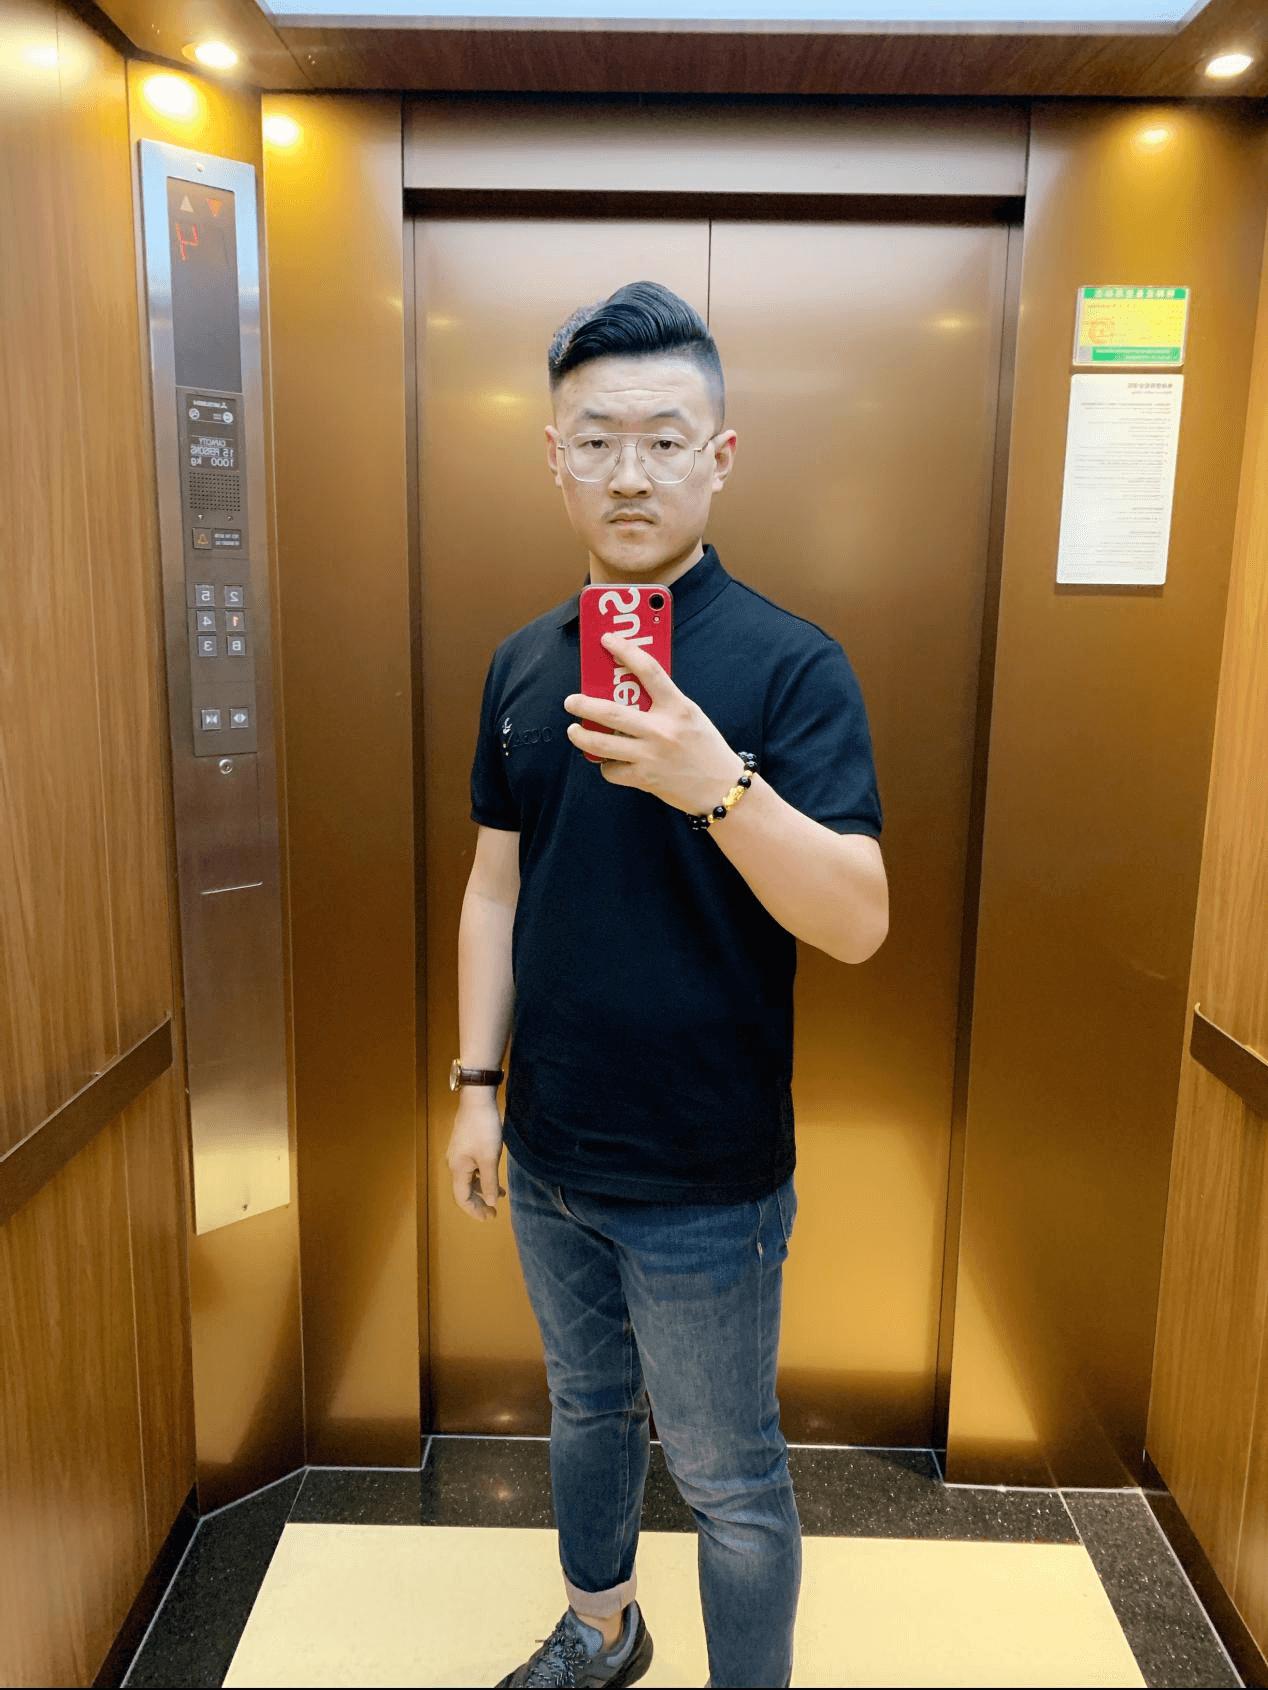 思博HCIE 108班王治宇同学